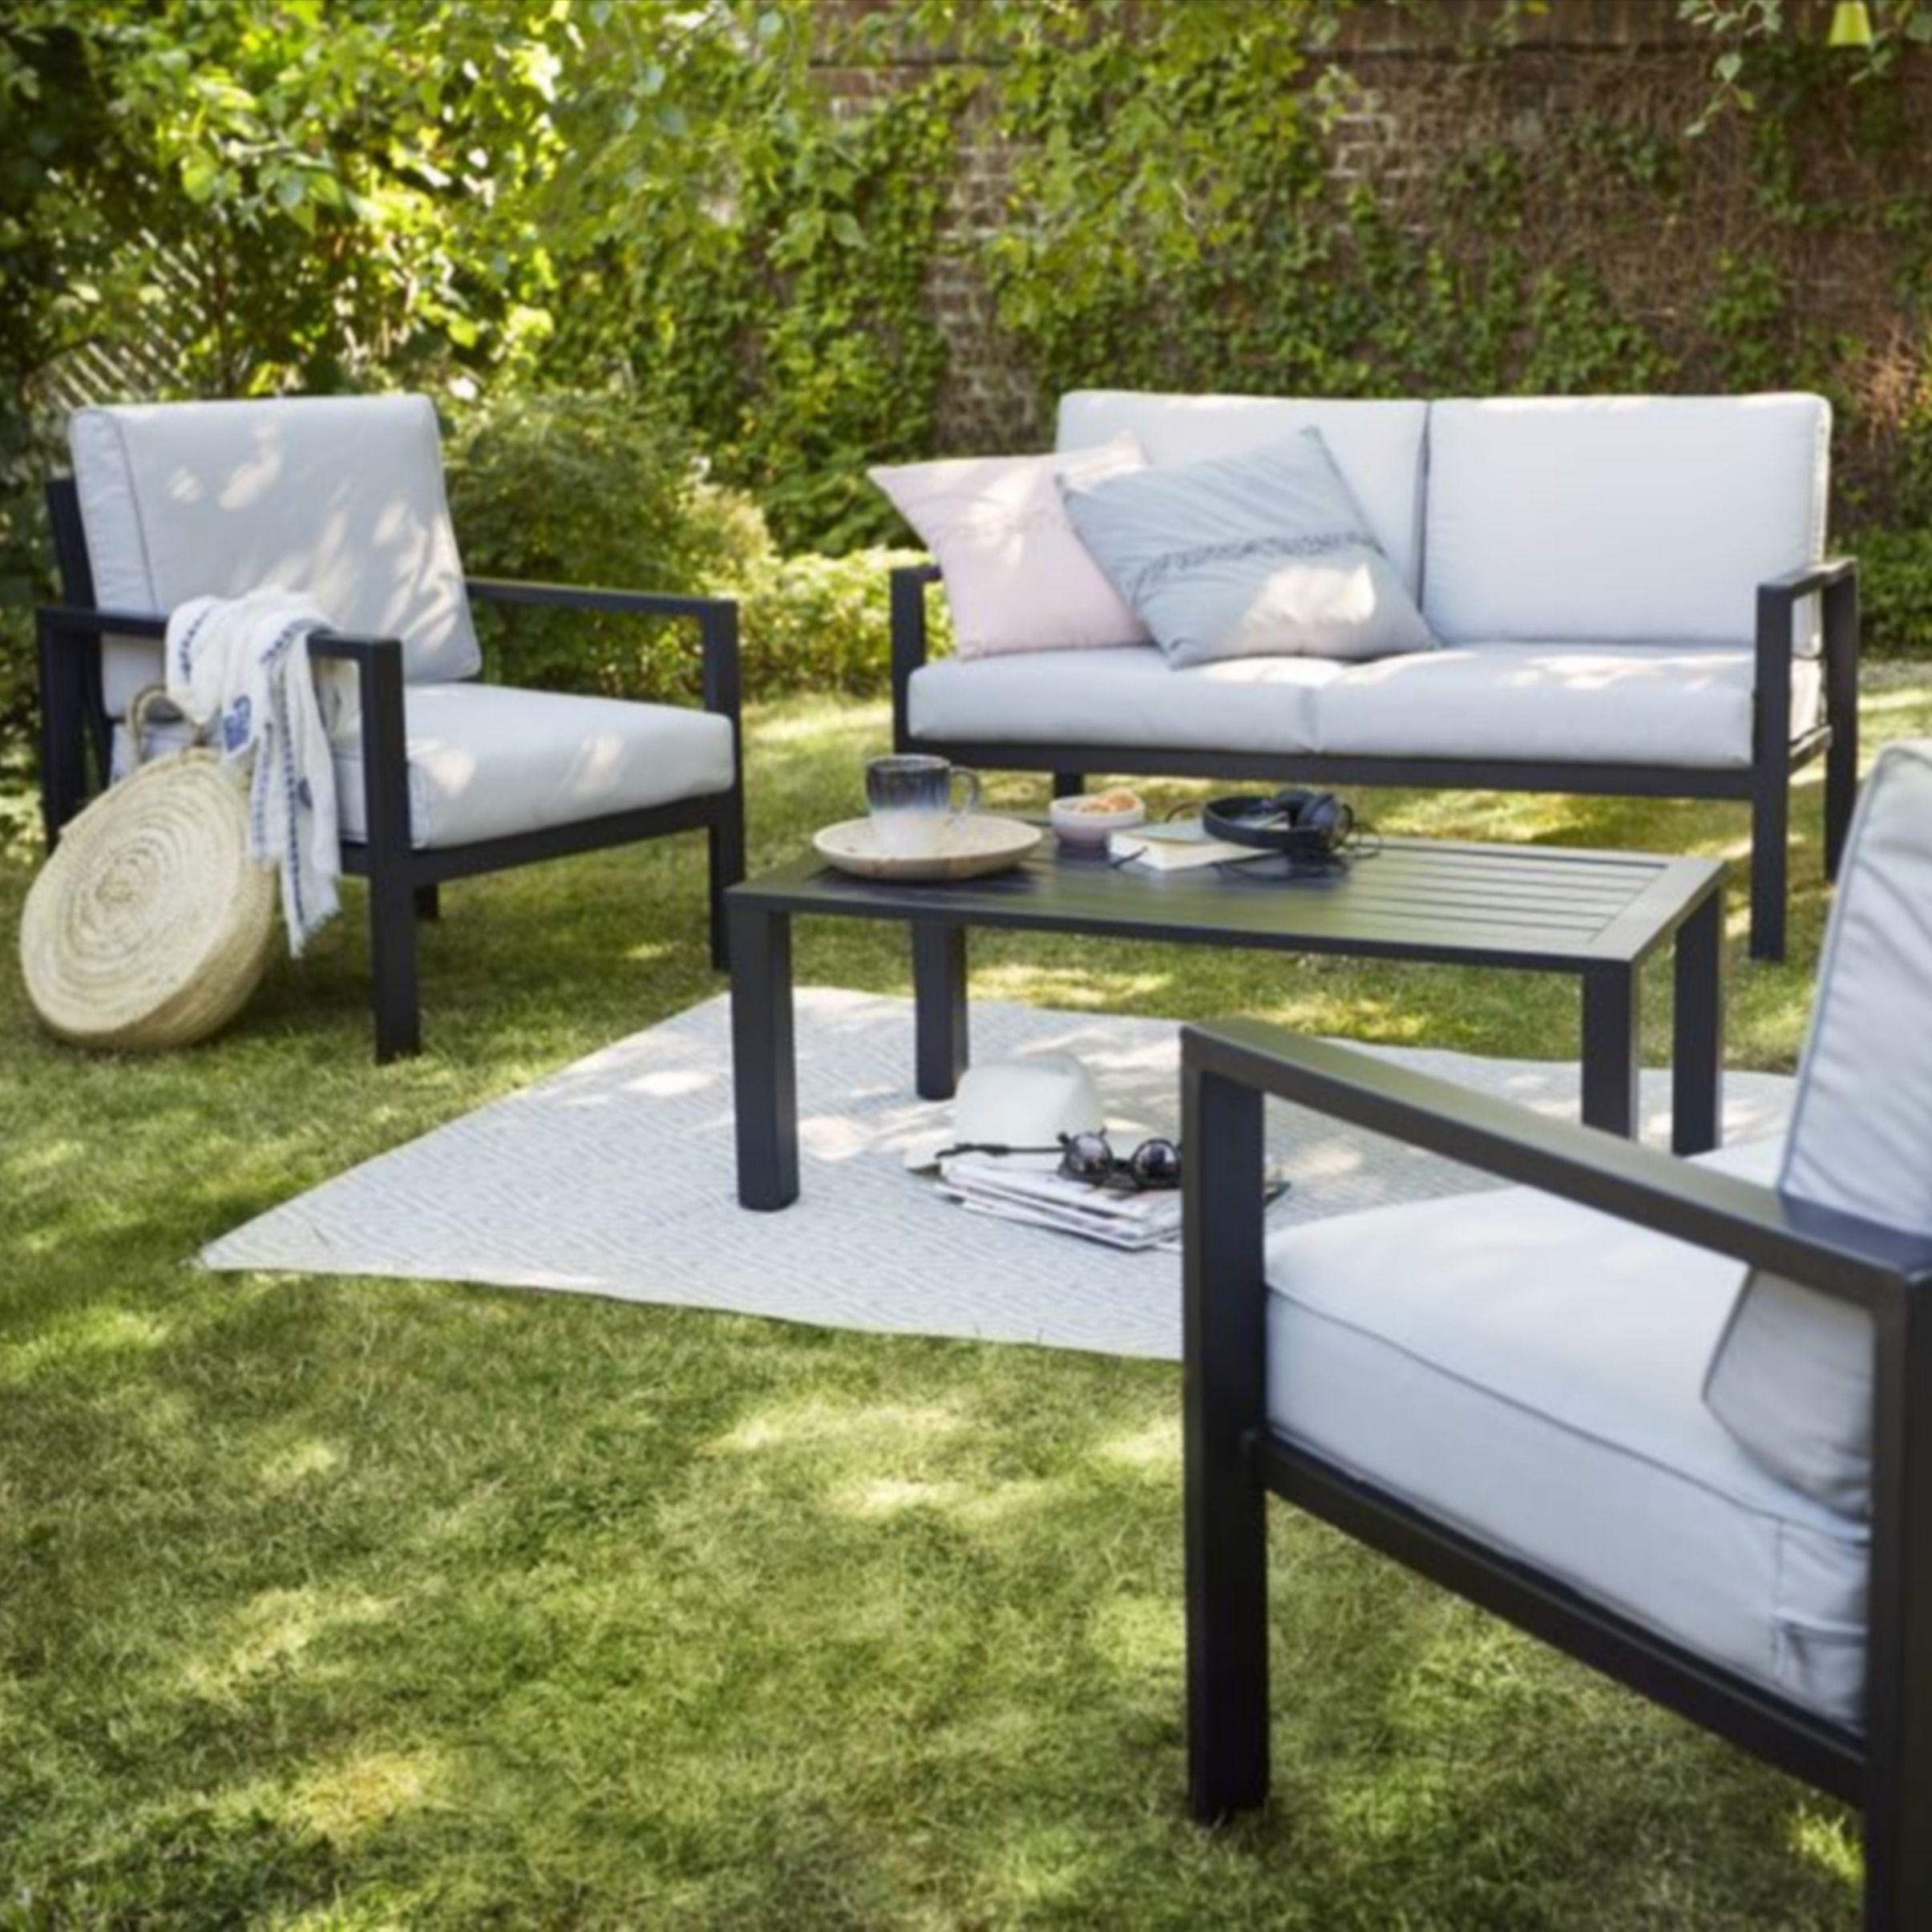 Salon Bas De Jardin Blooma Jaz Aluminium Gris 4 Personnes ... encequiconcerne Mobilier De Jardin Blooma